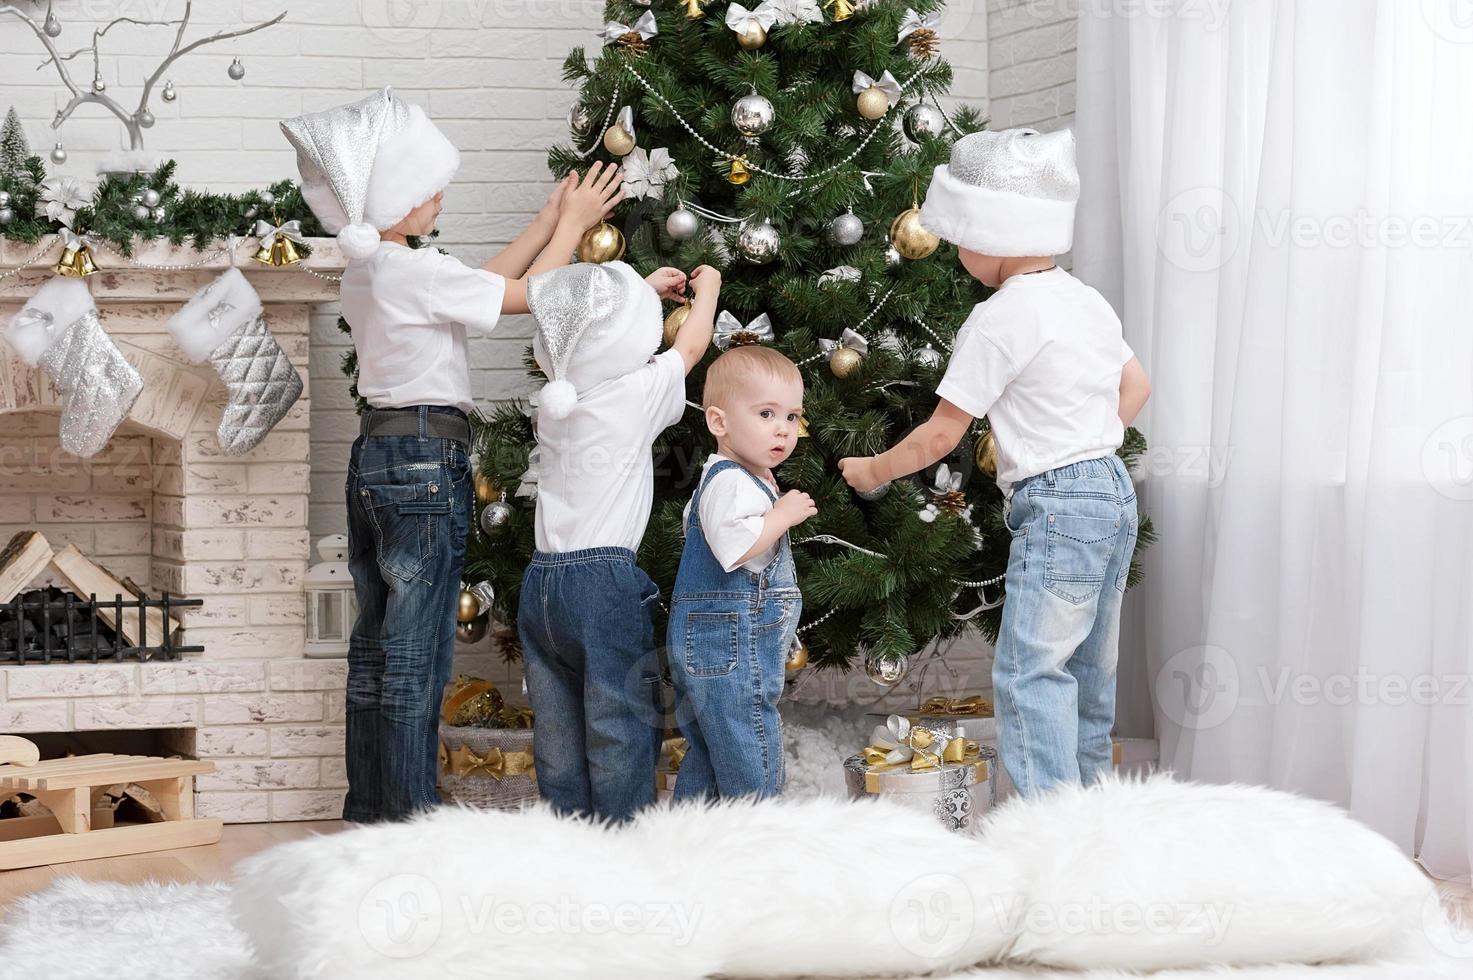 crianças decoram brinquedos de árvore de natal foto